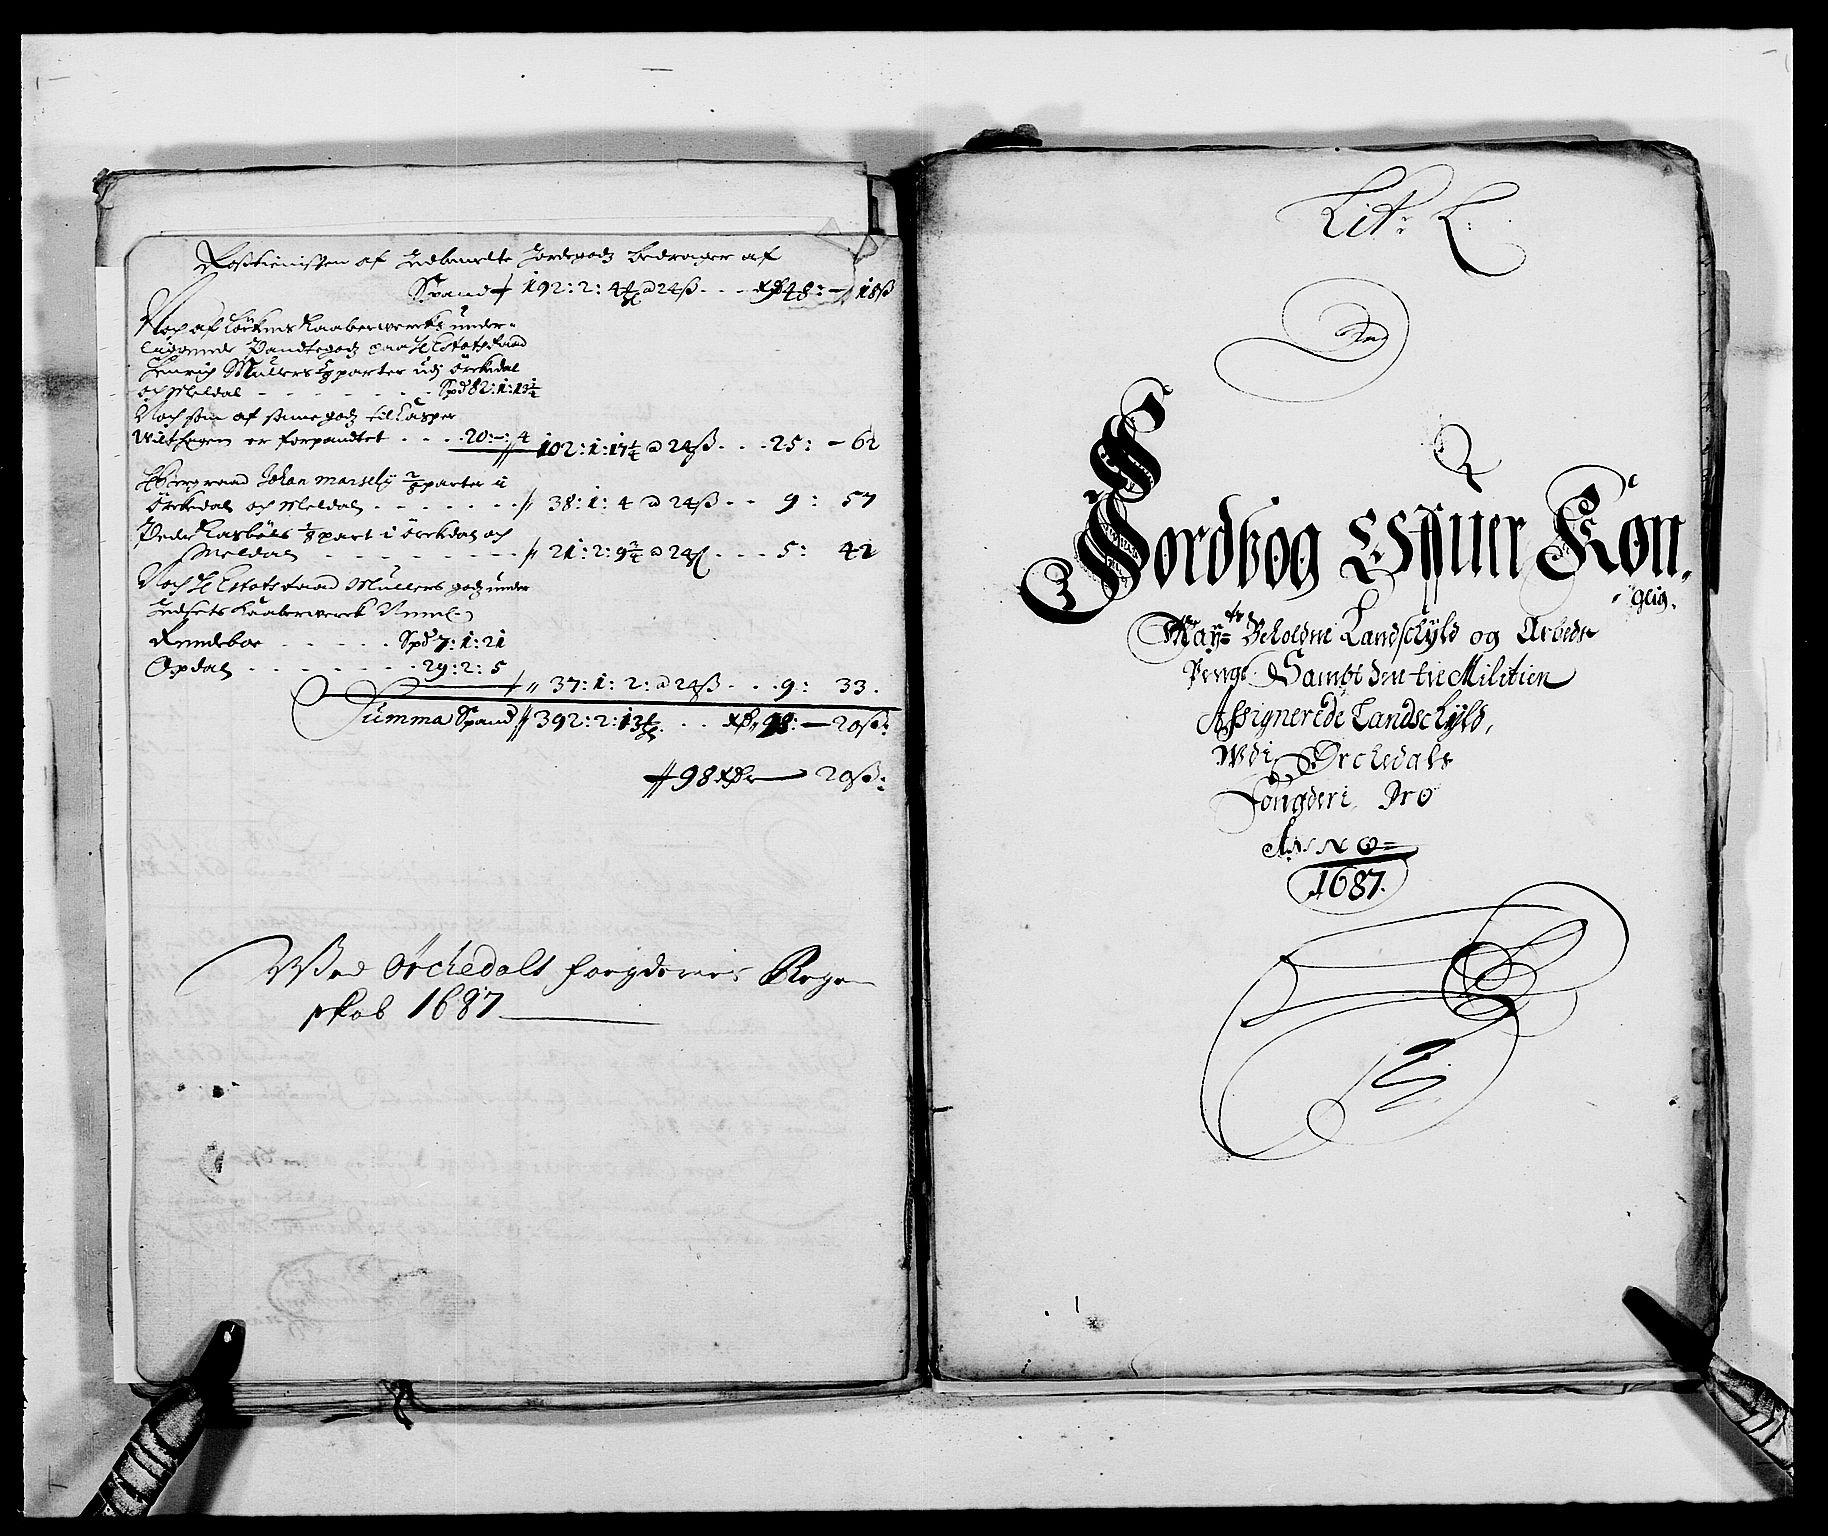 RA, Rentekammeret inntil 1814, Reviderte regnskaper, Fogderegnskap, R58/L3935: Fogderegnskap Orkdal, 1687-1688, s. 127